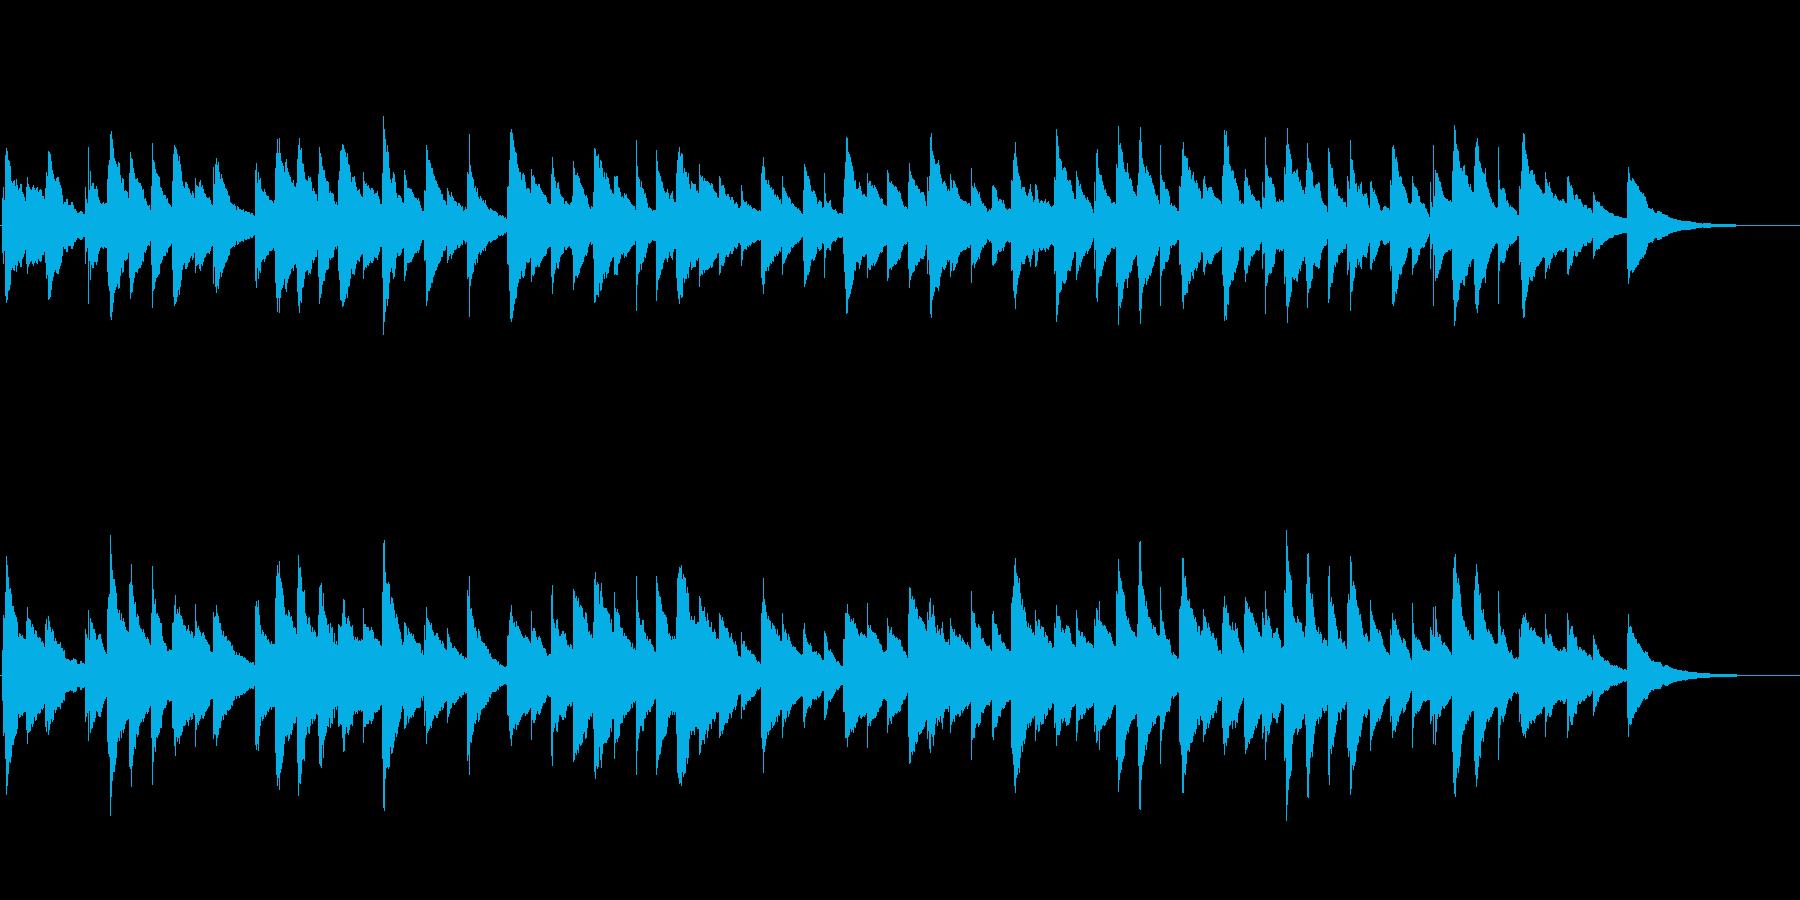 物語の始まりを予感させるオルゴール音楽の再生済みの波形